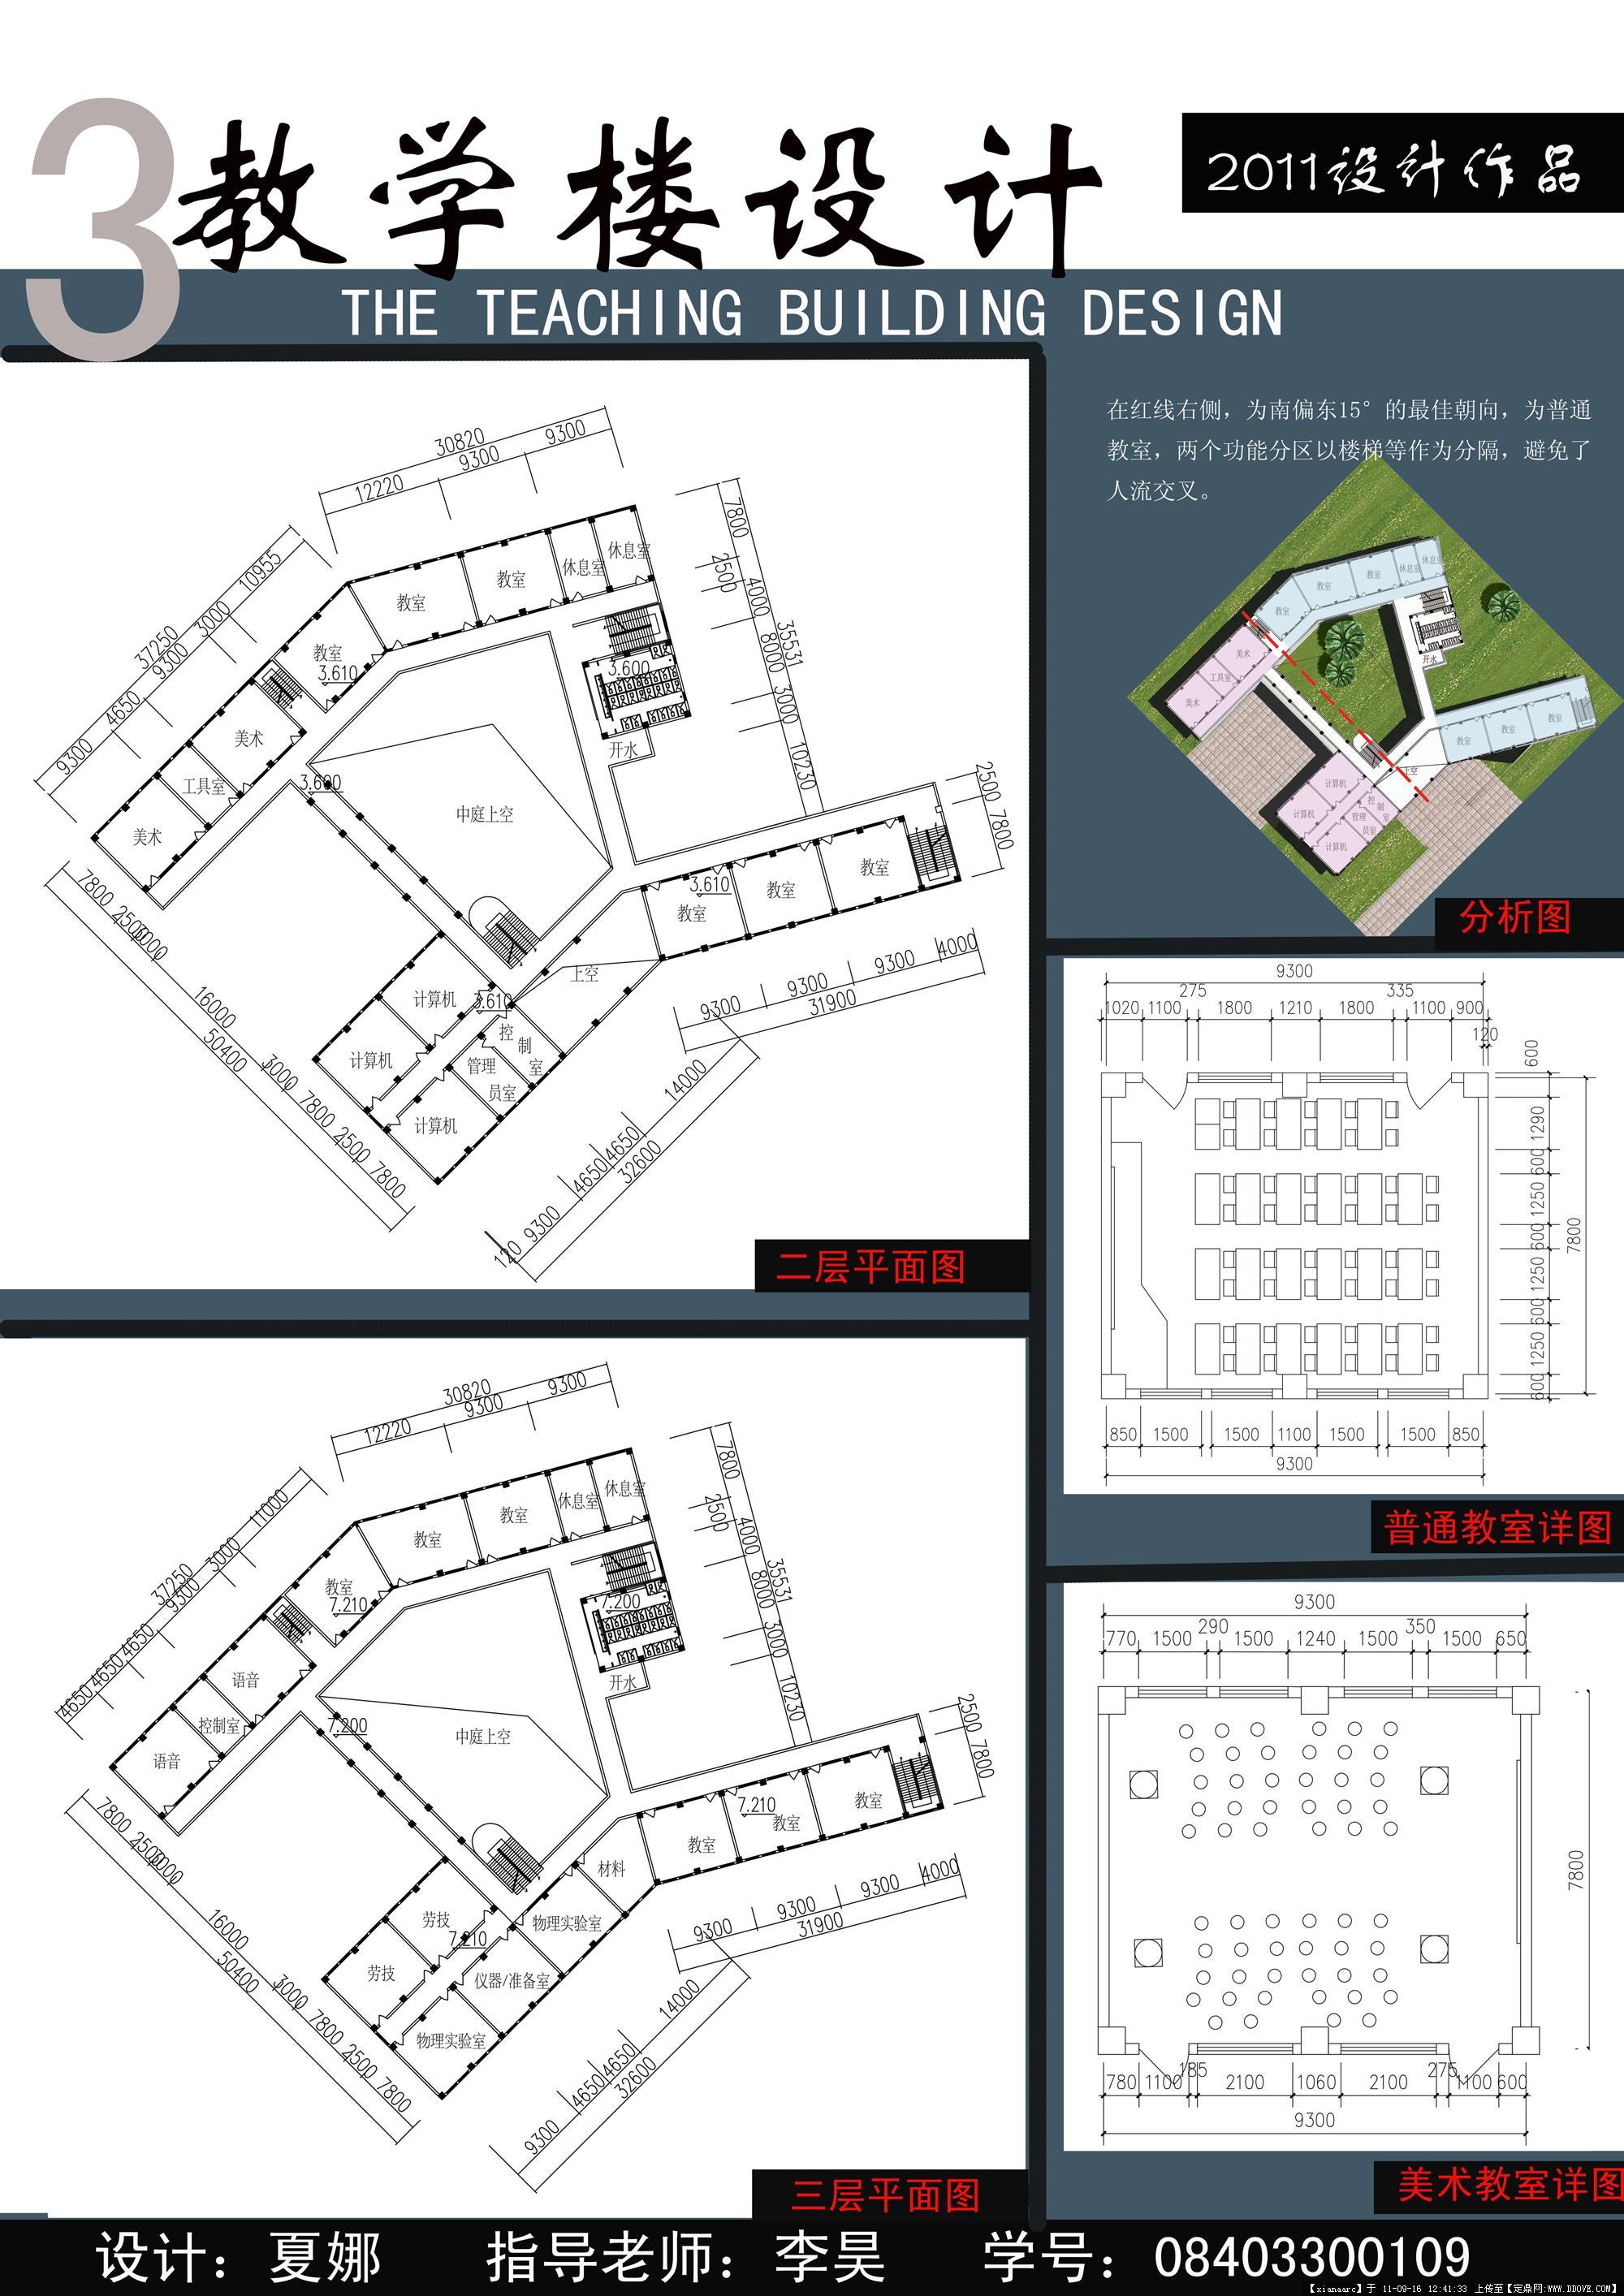 教学楼设计方案效果图